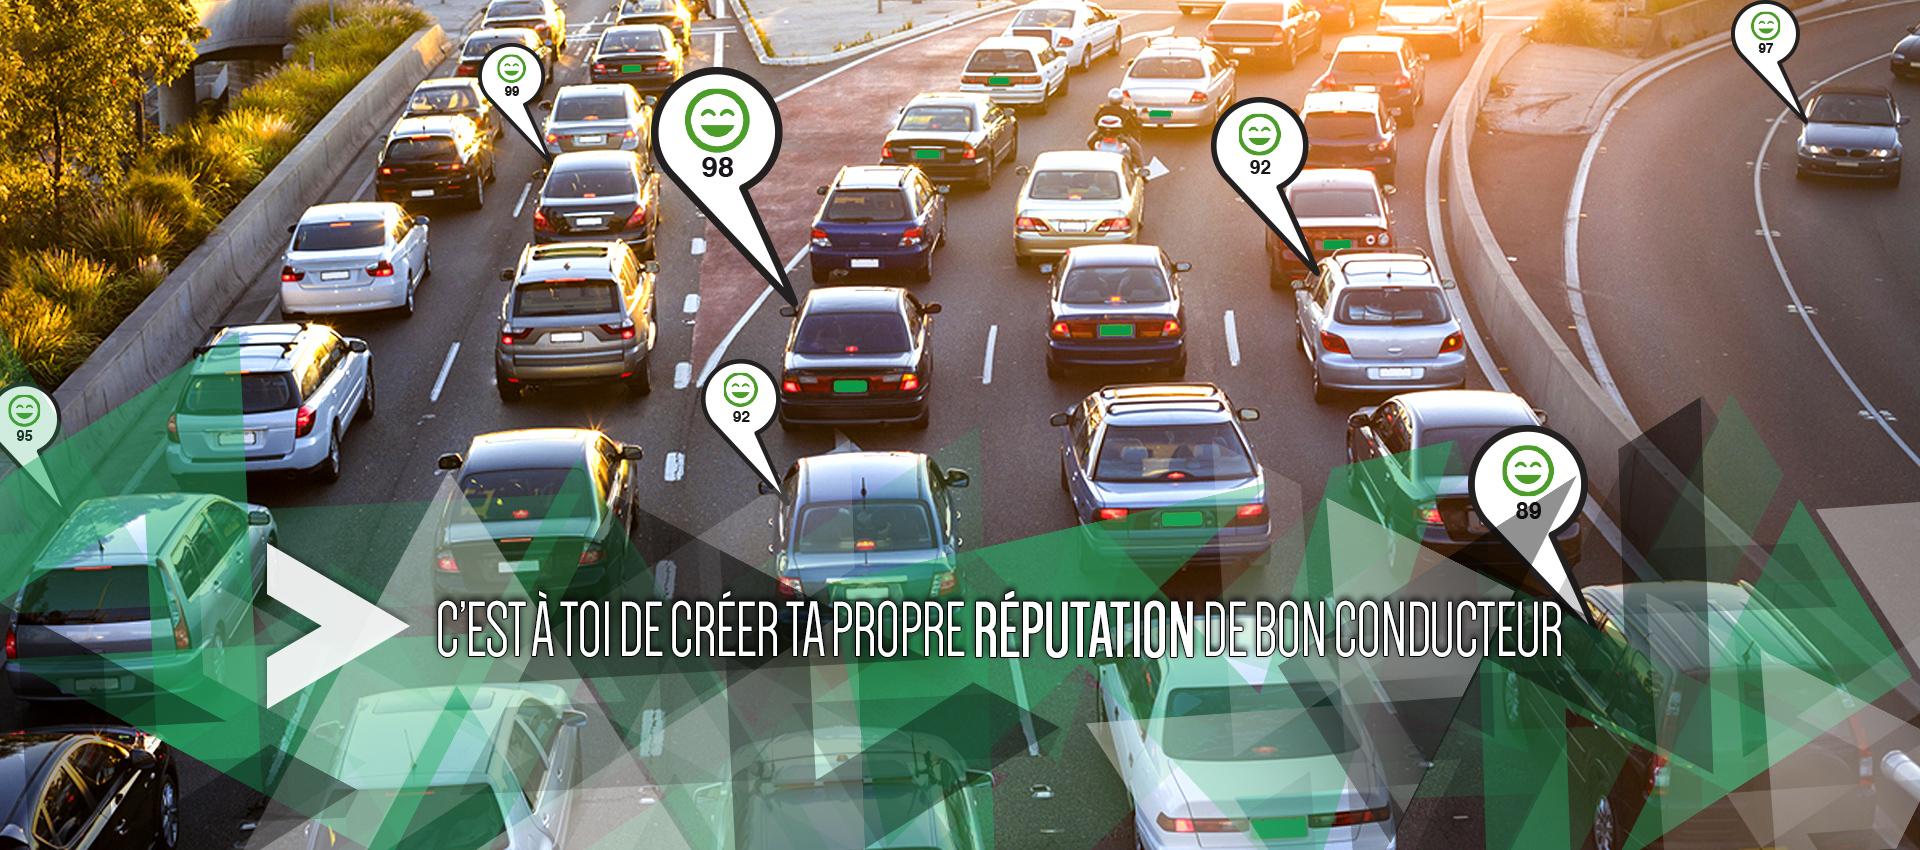 DriveSmart homepage imagen 3